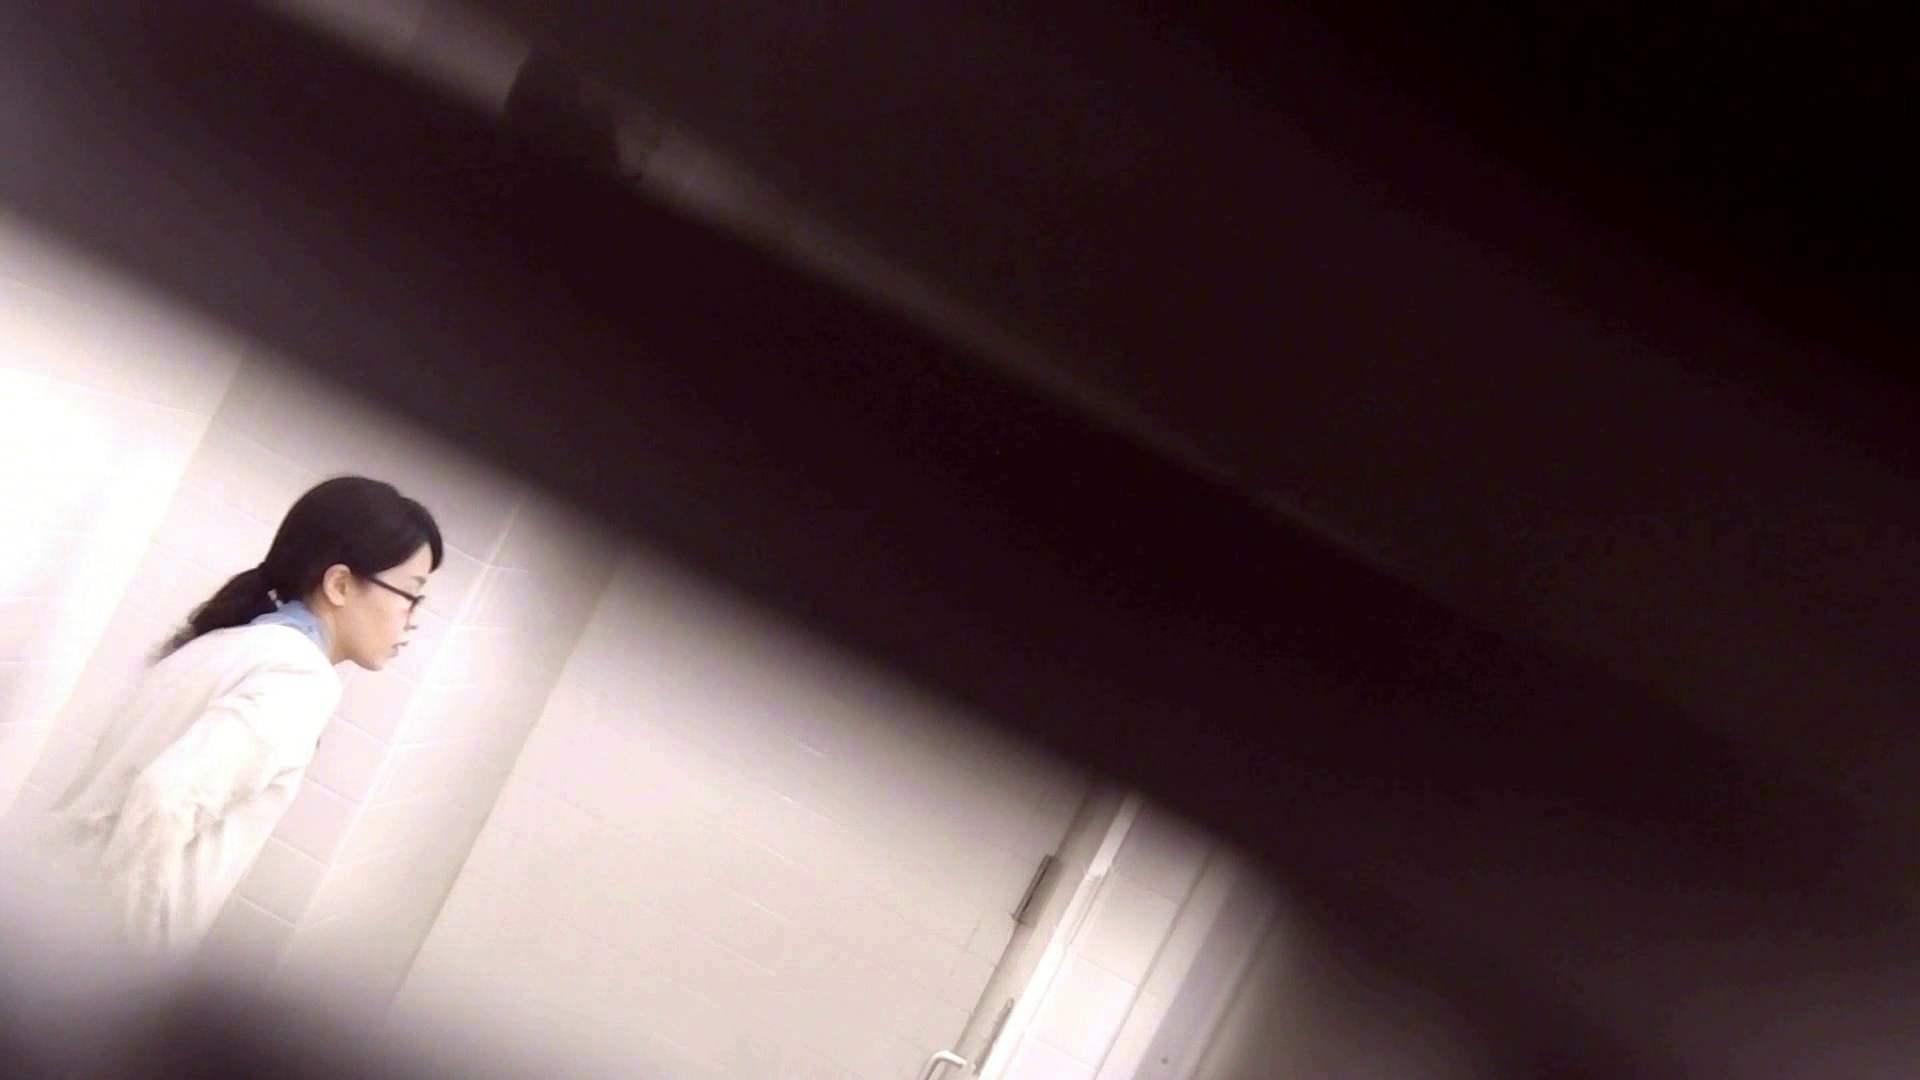 お銀さんの「洗面所突入レポート!!」無料お試し動画!!その1 洗面所のぞき おめこ無修正画像 76枚 47